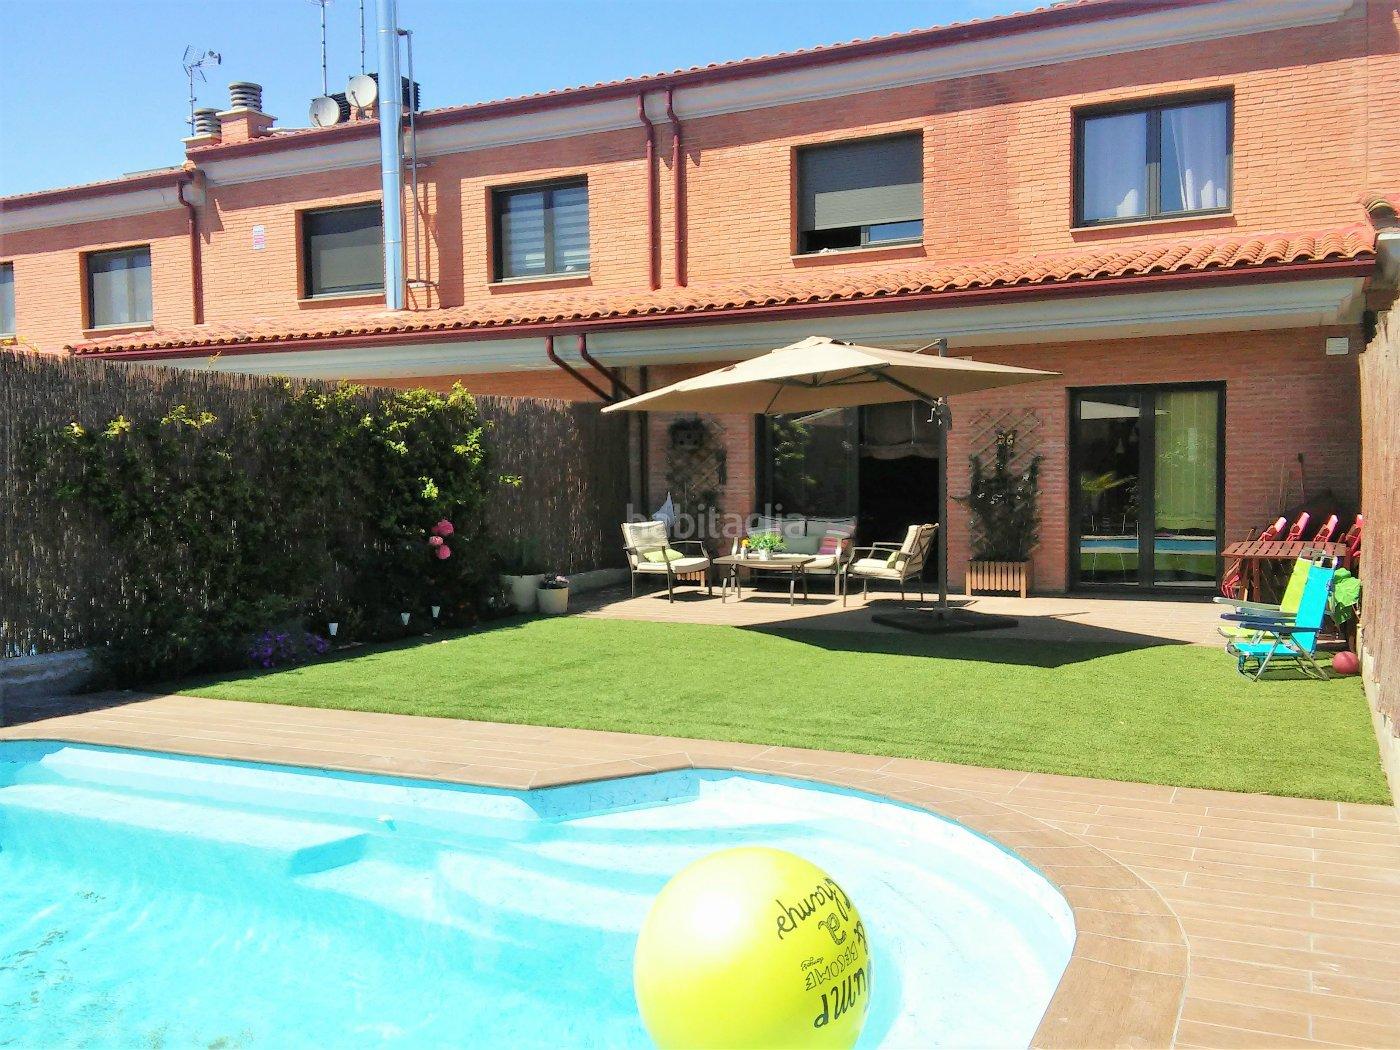 Casa adosada por en carrer talladell magnifica - Jardin y piscina ...